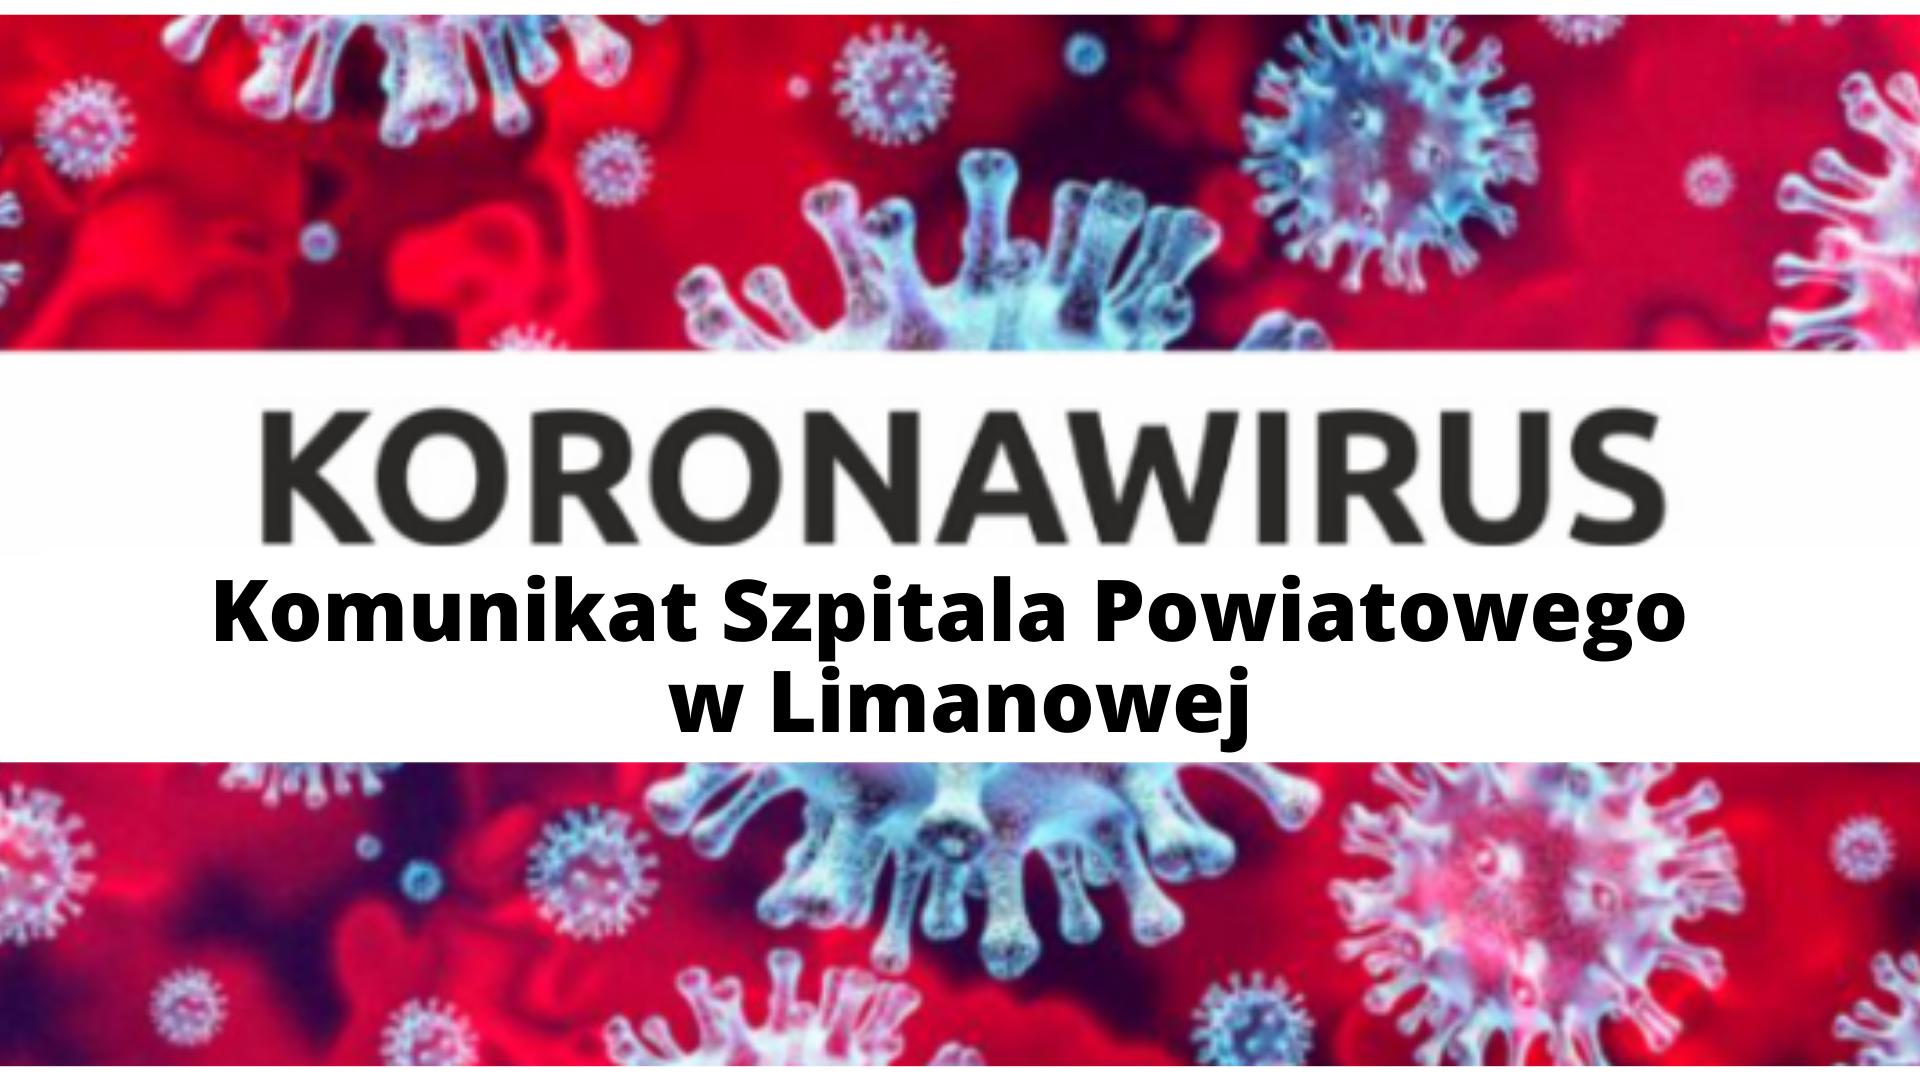 Koronawirus: komunikat Szpitala Powiatowego w Limanowej - informacja